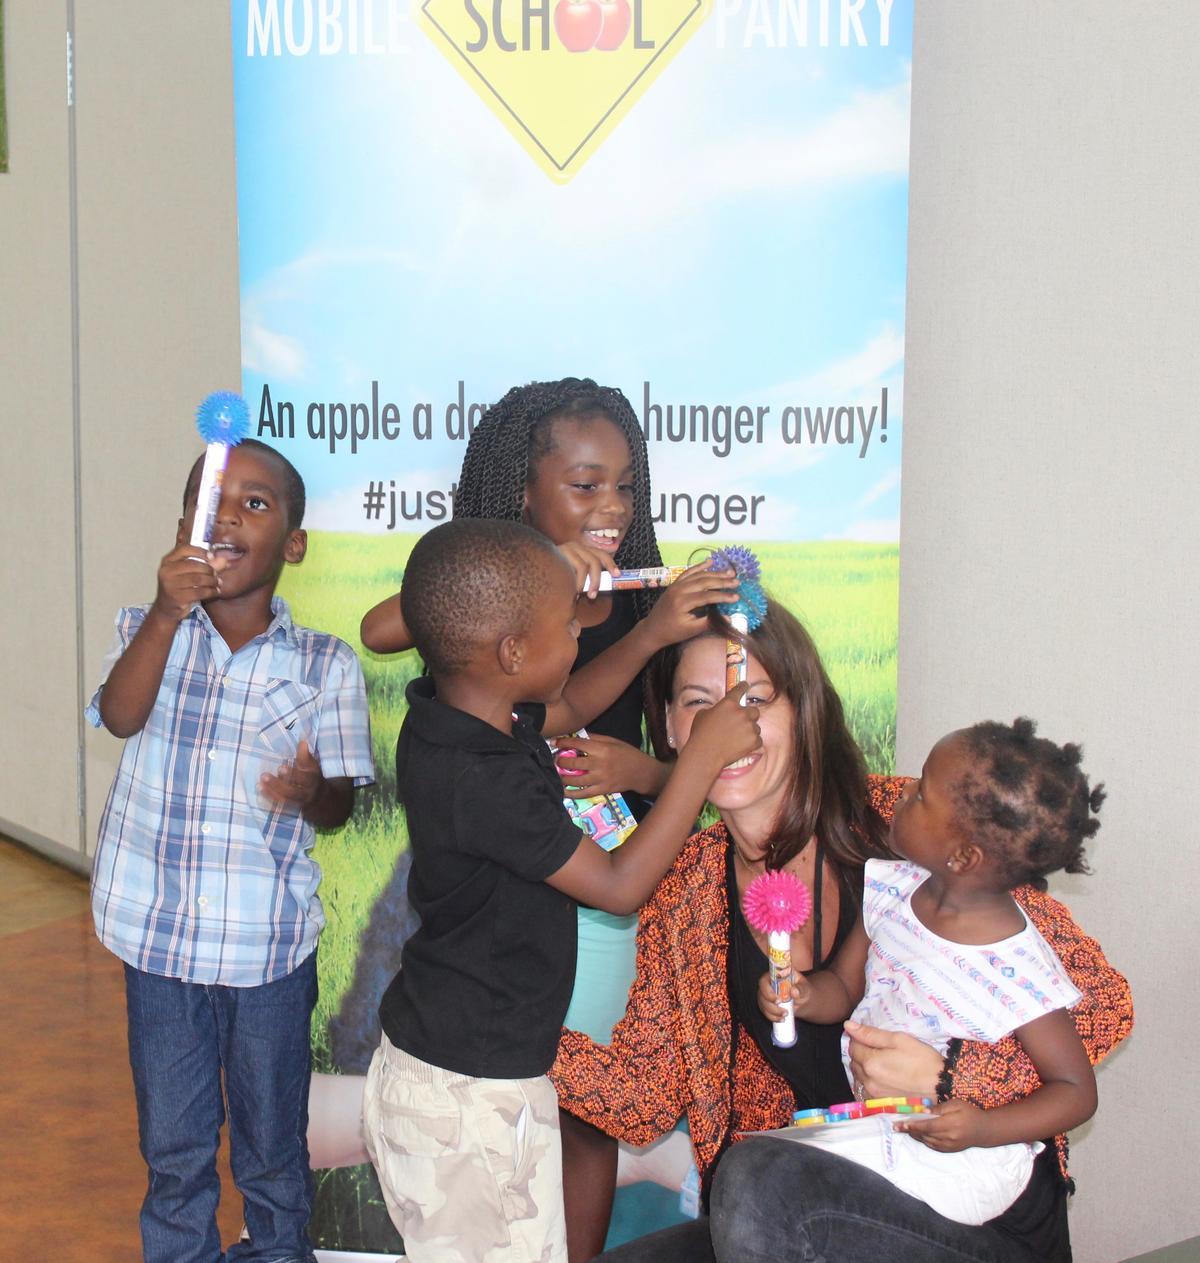 Z posing with kids